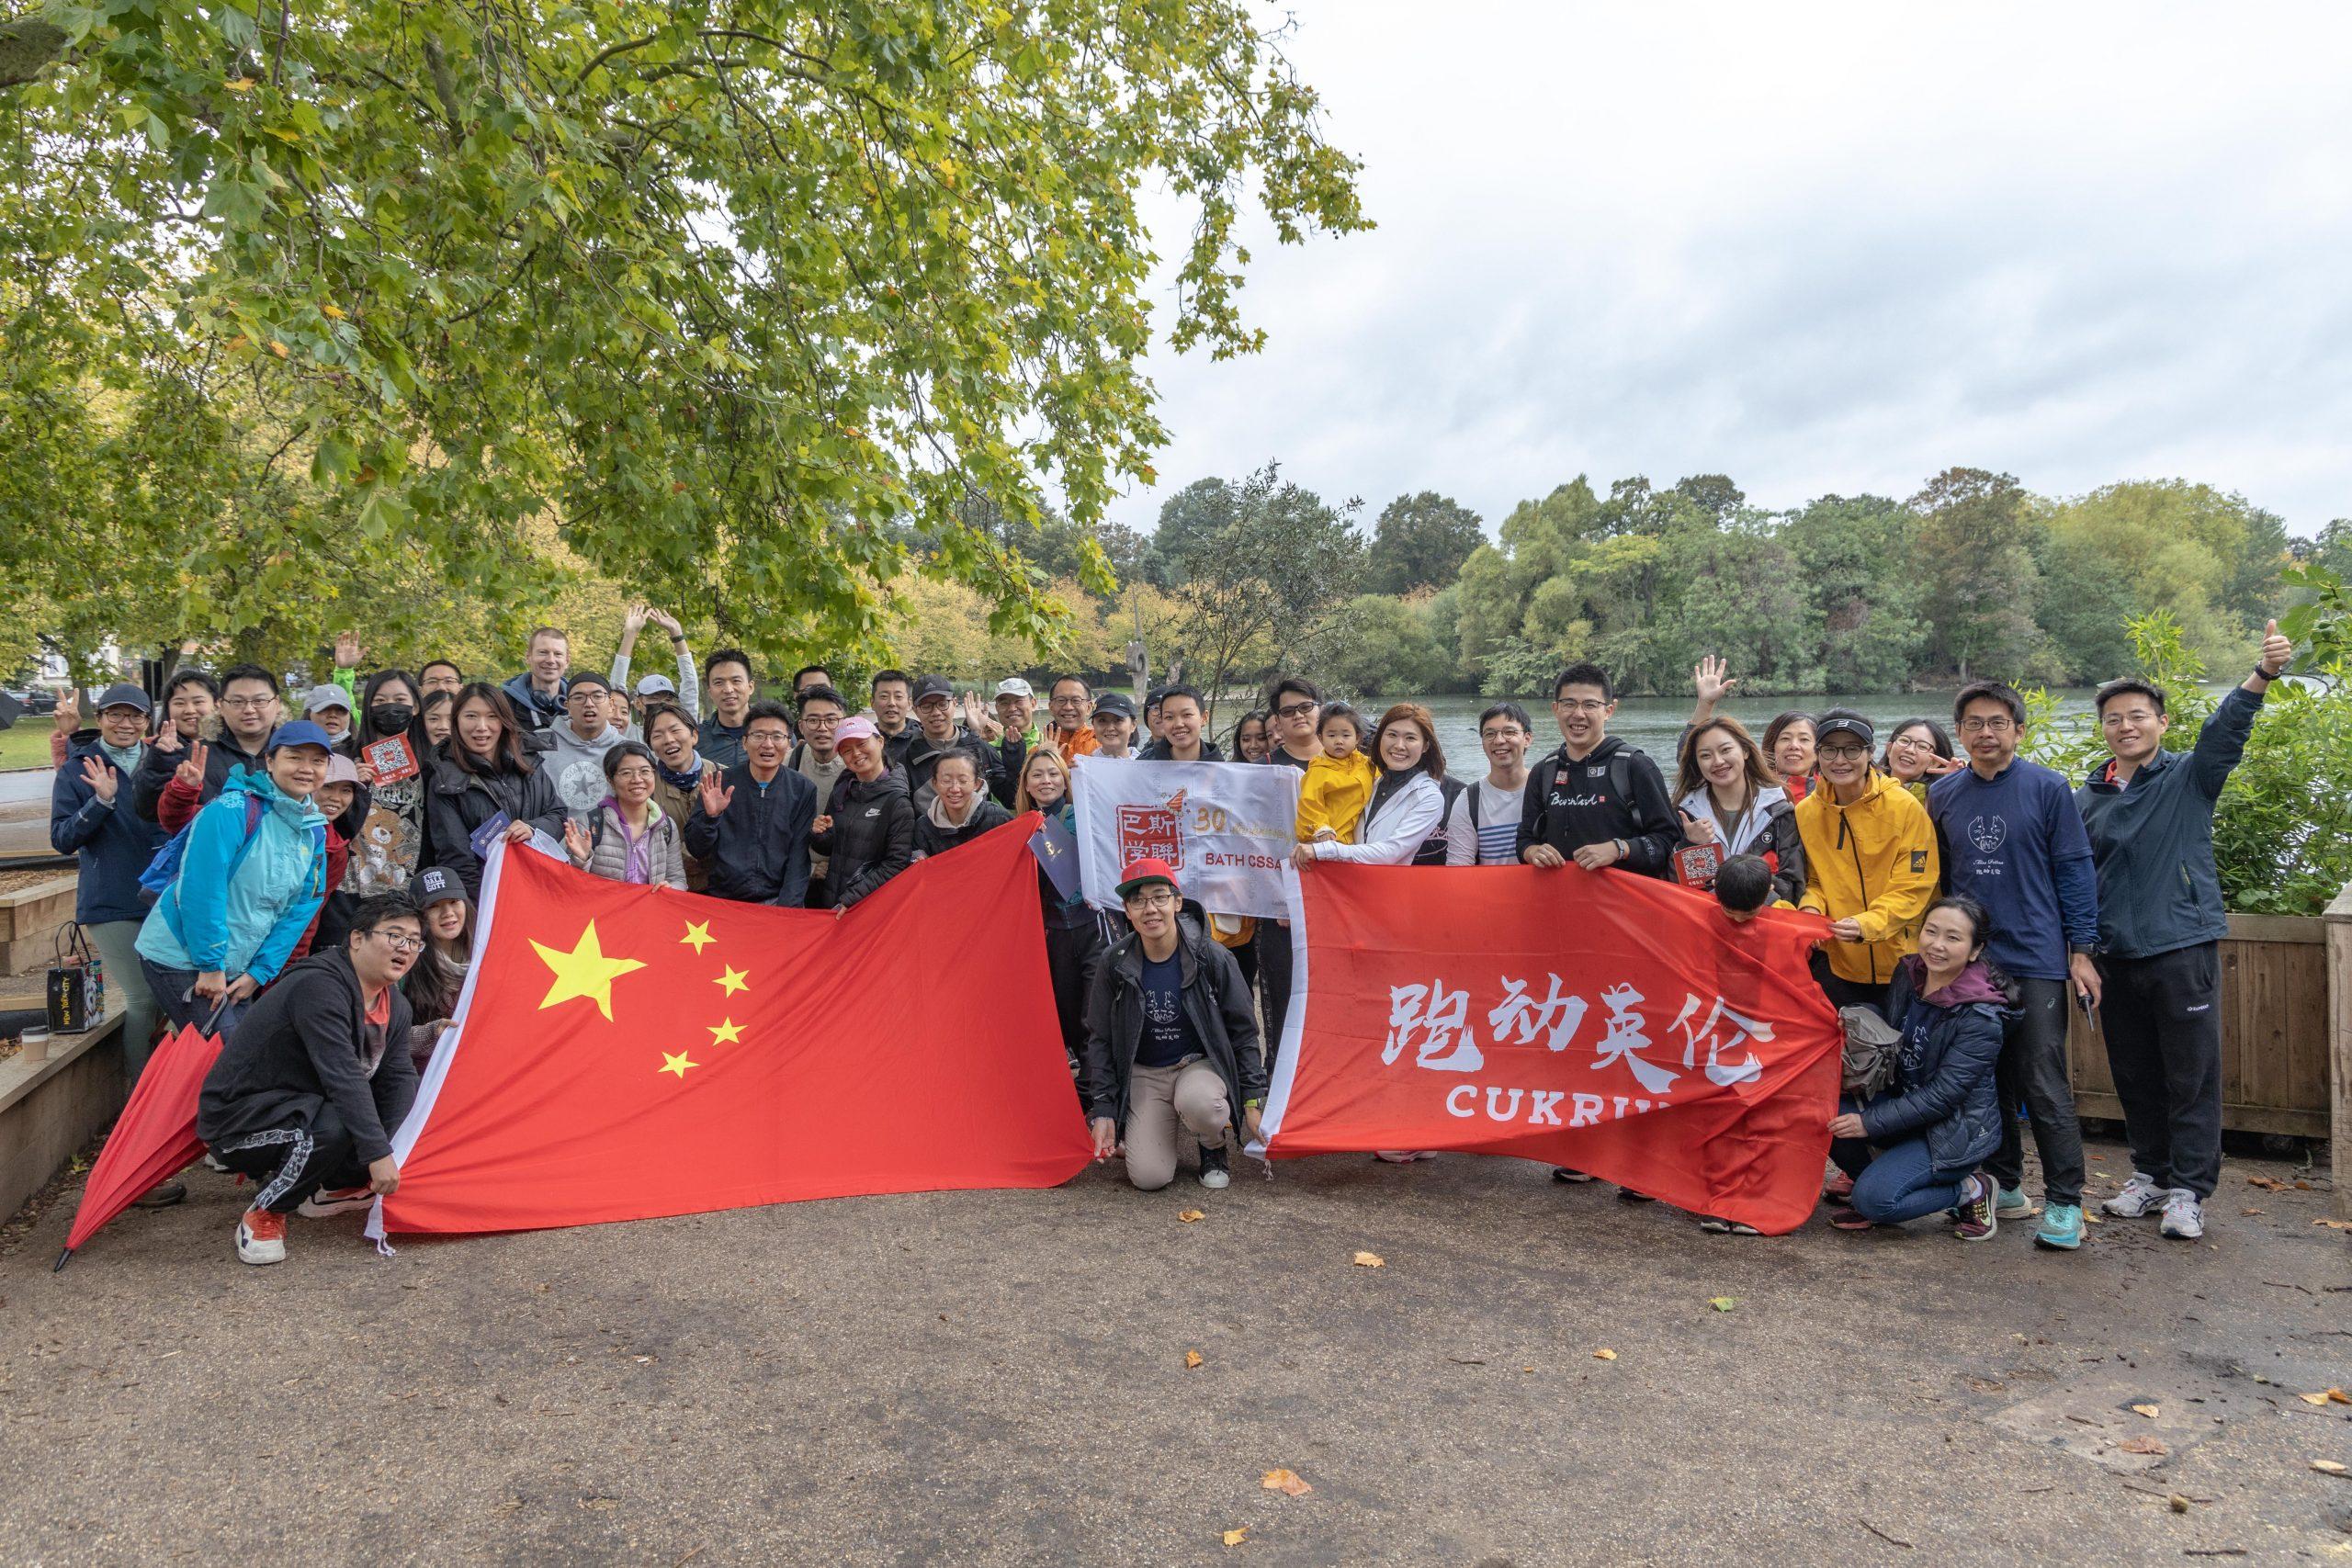 英国最大华人跑团   奔跑吧,青春!2021庆国庆团体接力赛   会员专访